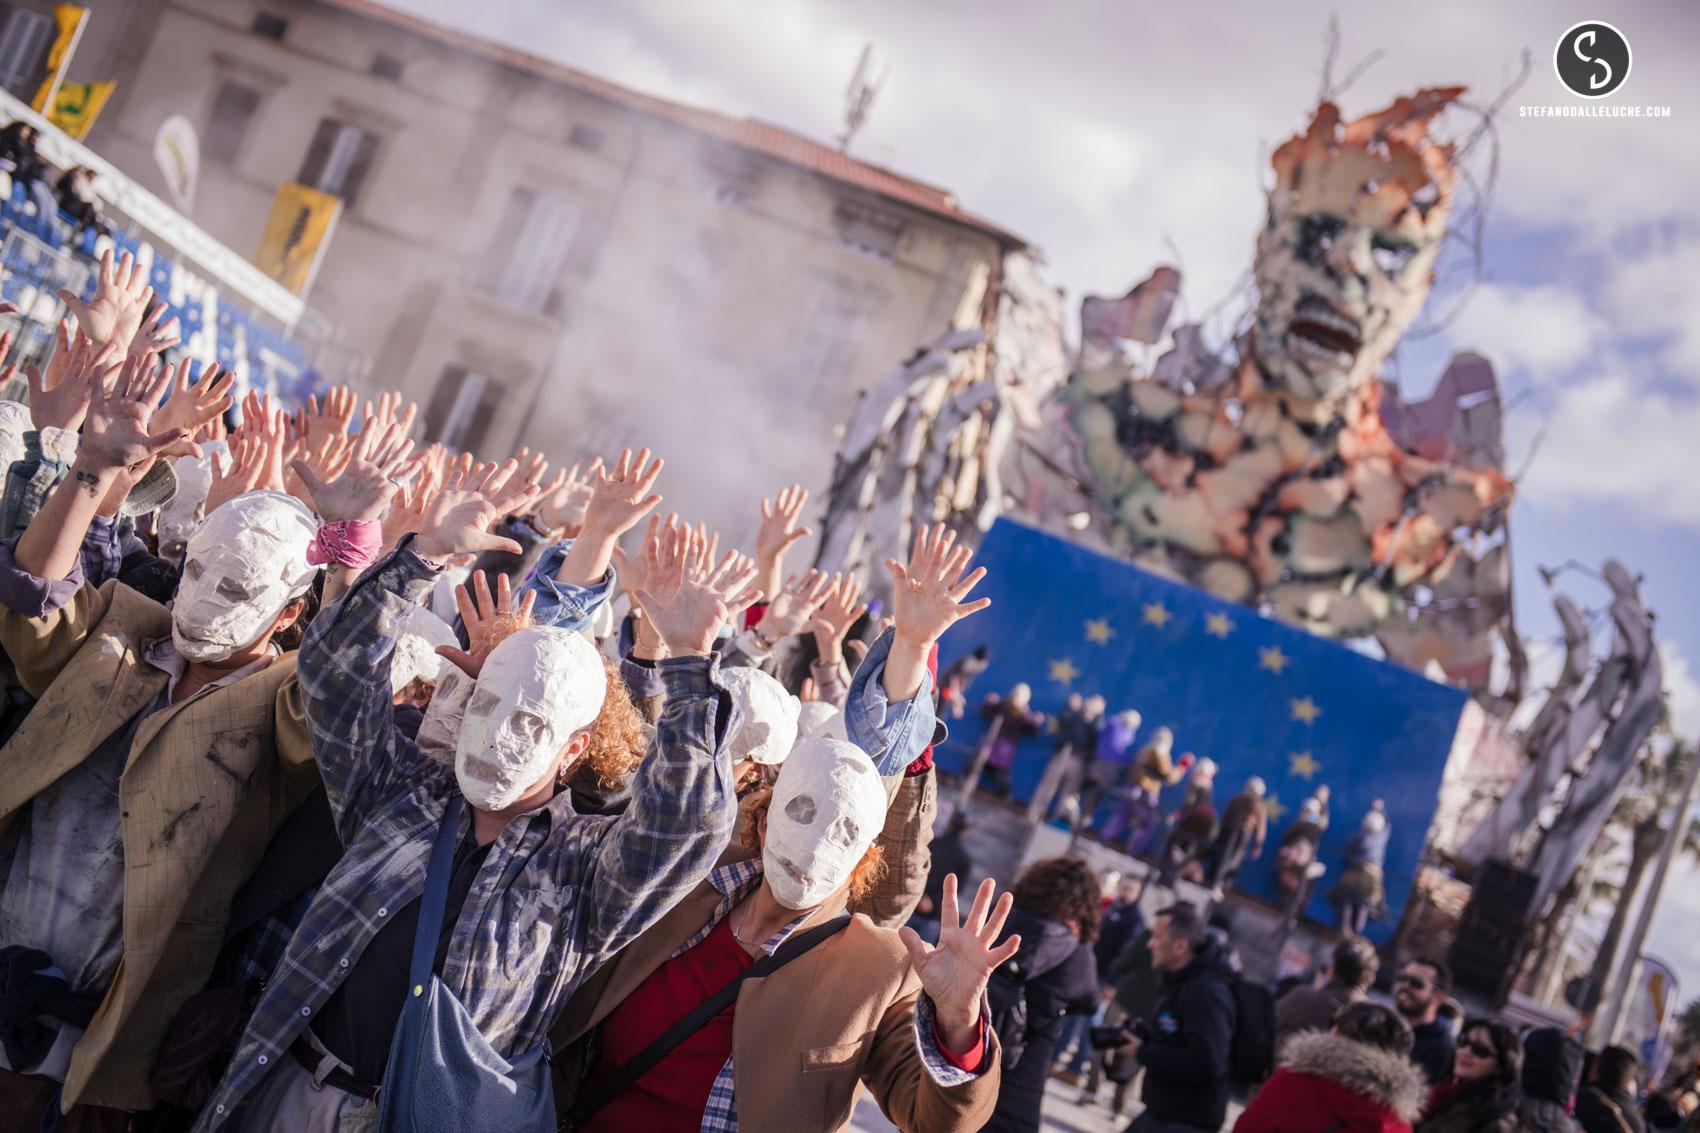 I nomi dei giurati del Carnevale di Viareggio 2017